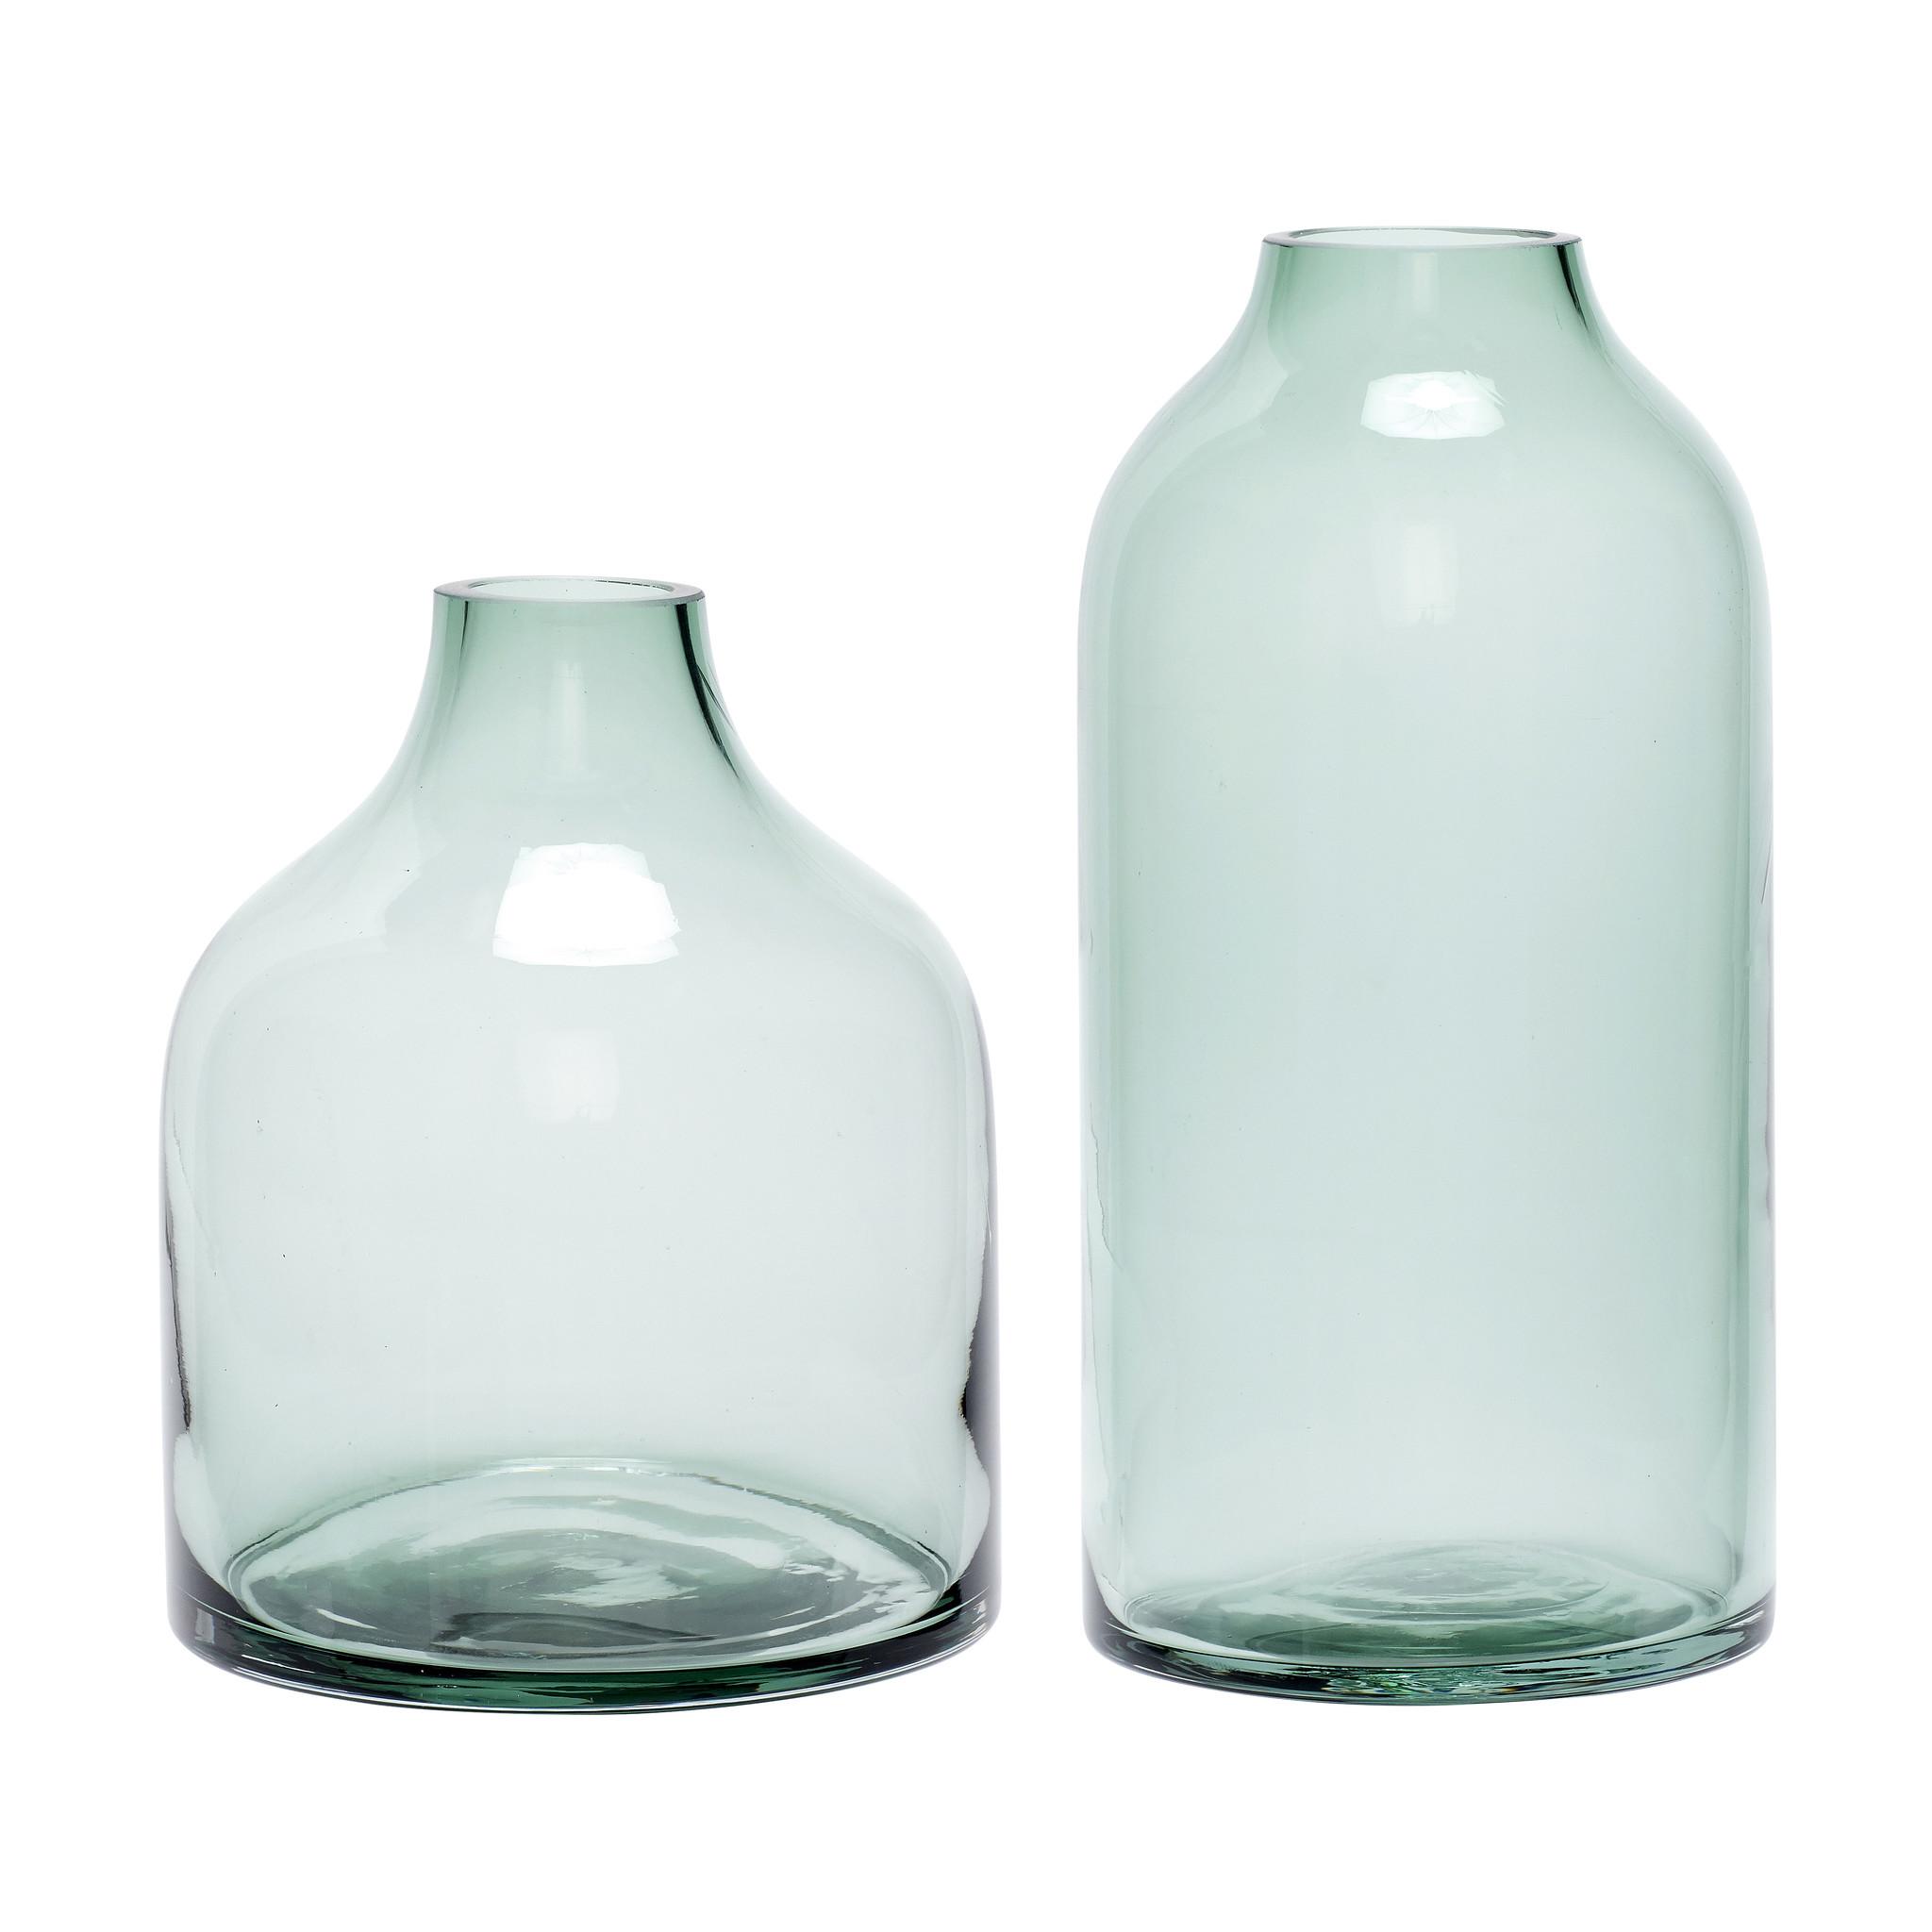 Hubsch Vaas, glas, groen, set van 2-280502-5712772056615